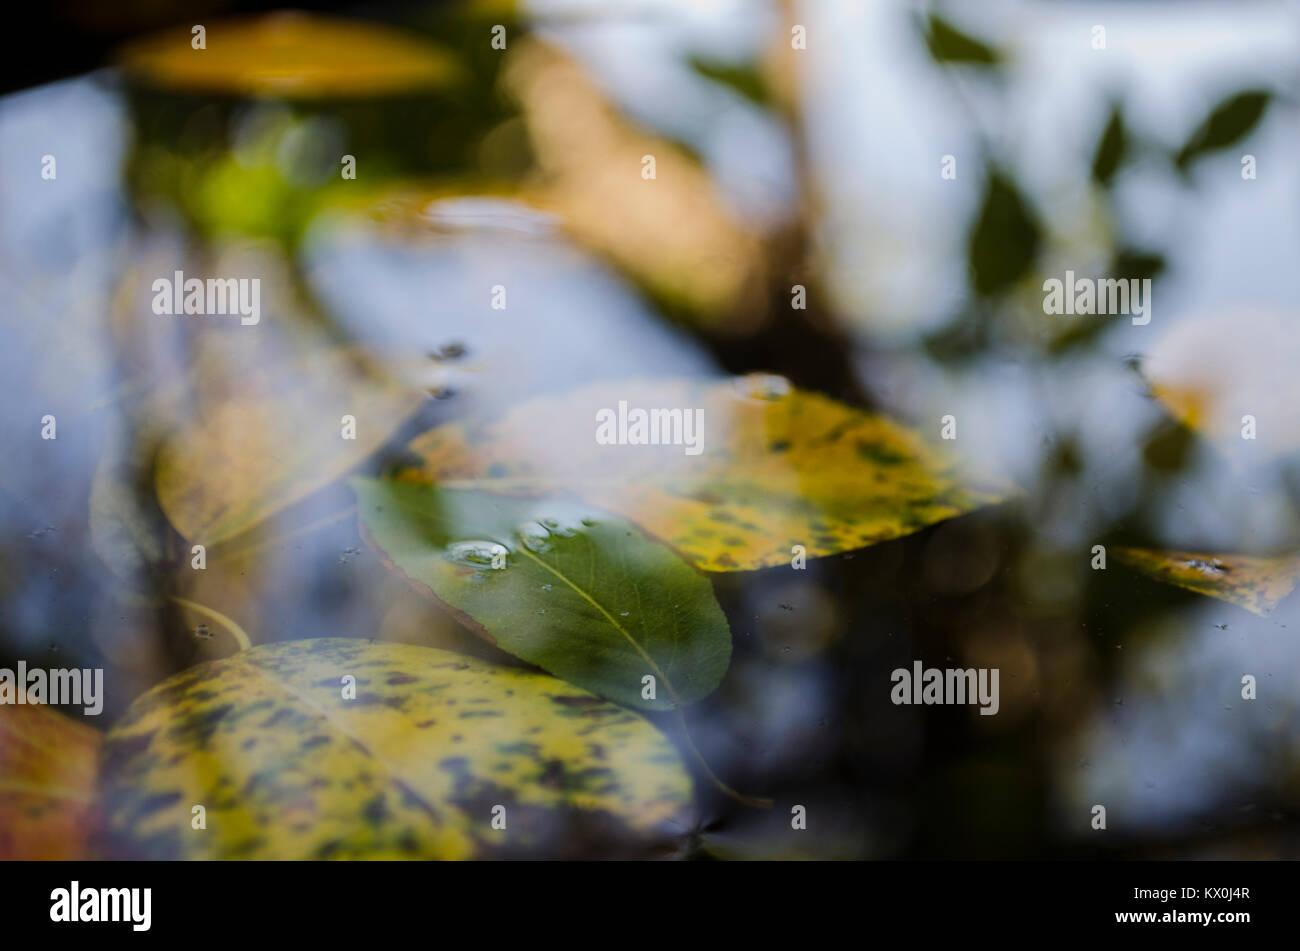 Flotando en el charco amarillo hojas de los árboles y el reflejo de un árbol, el otoño Foto de stock